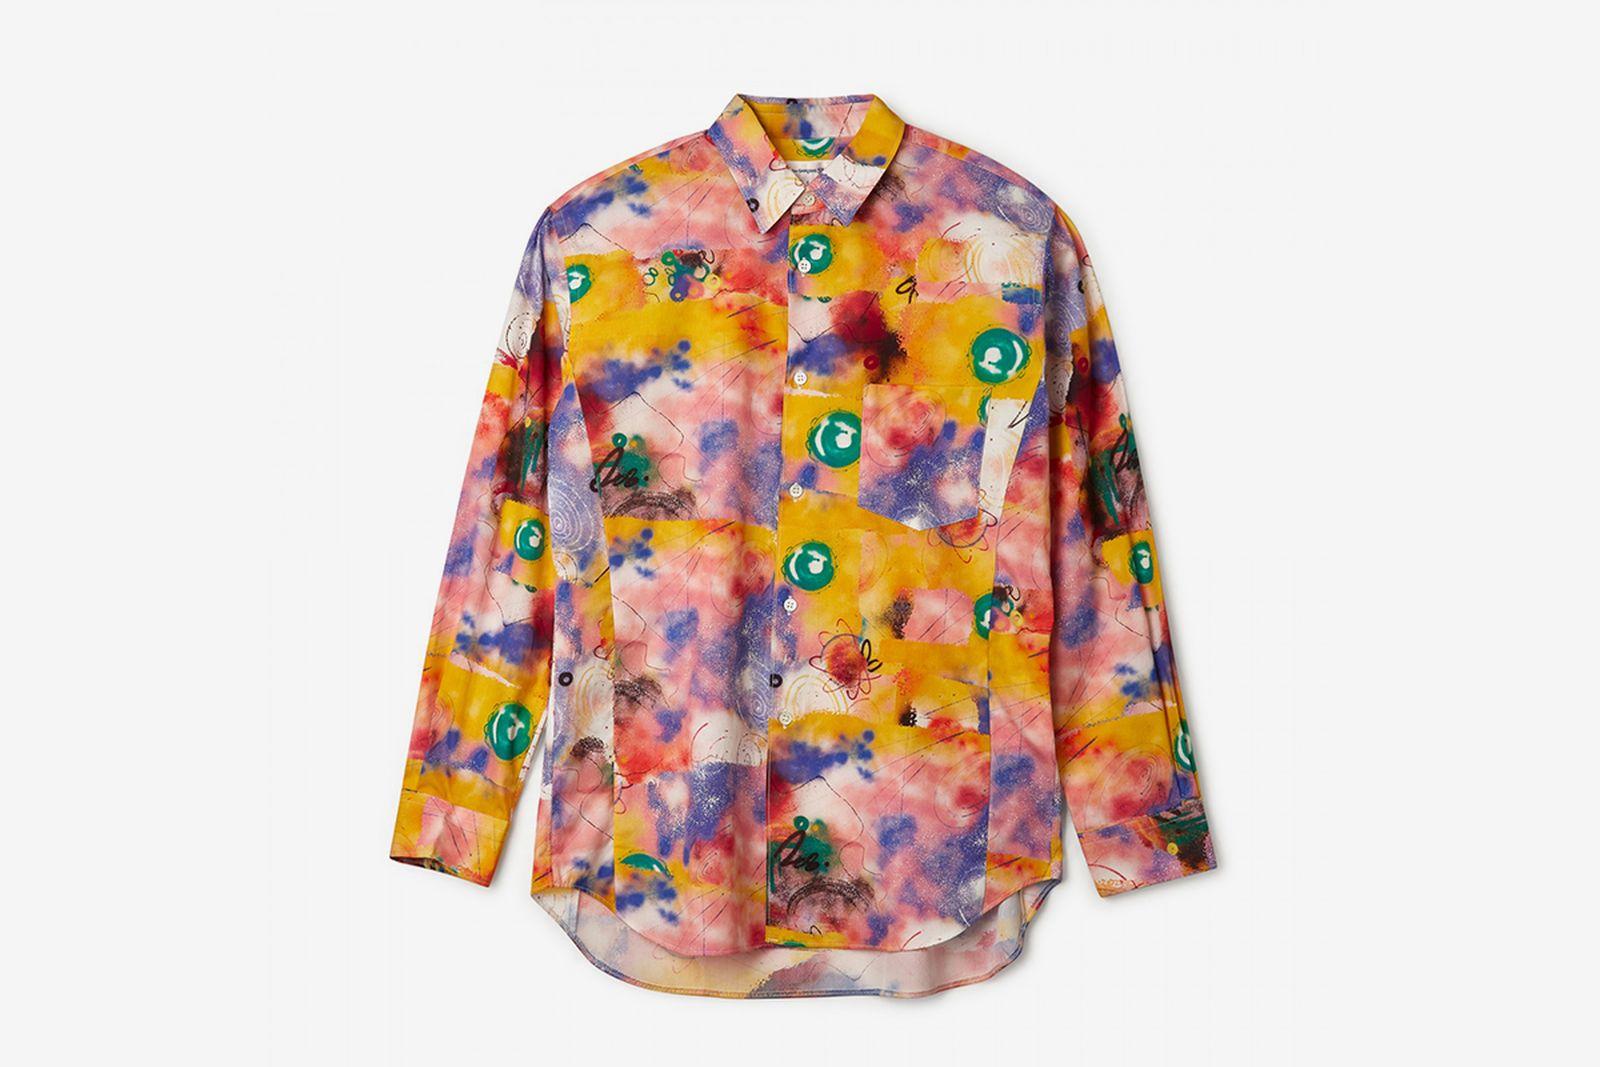 Futura x COMME des GARÇONS SHIRT shirt